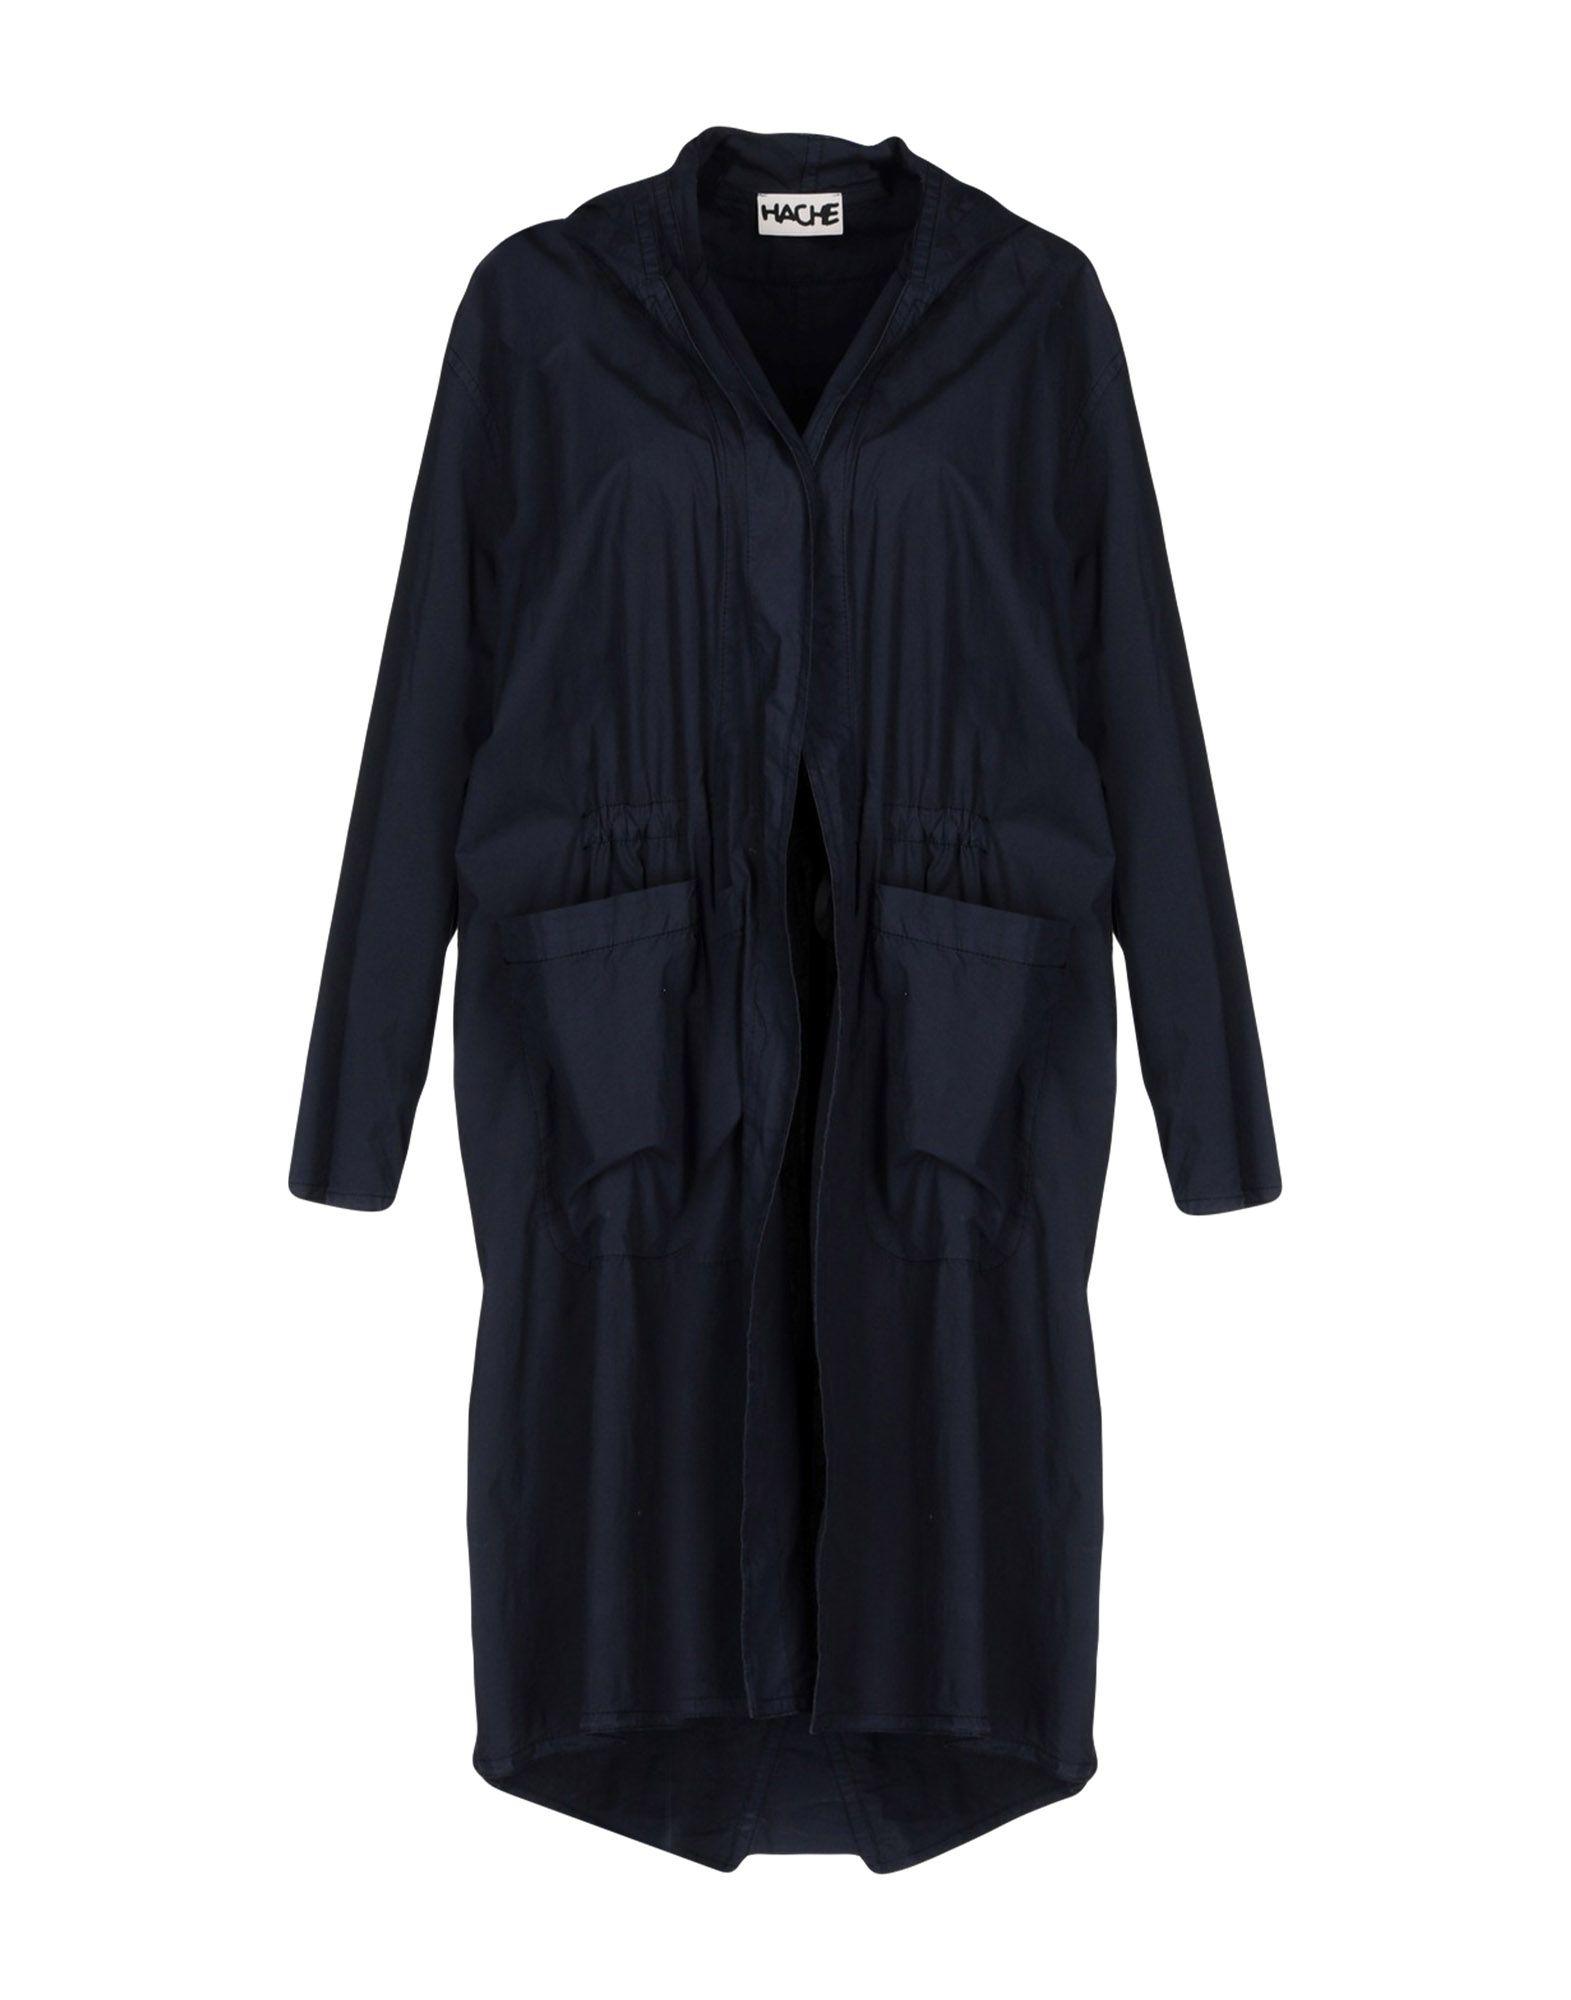 все цены на HACHE Легкое пальто в интернете